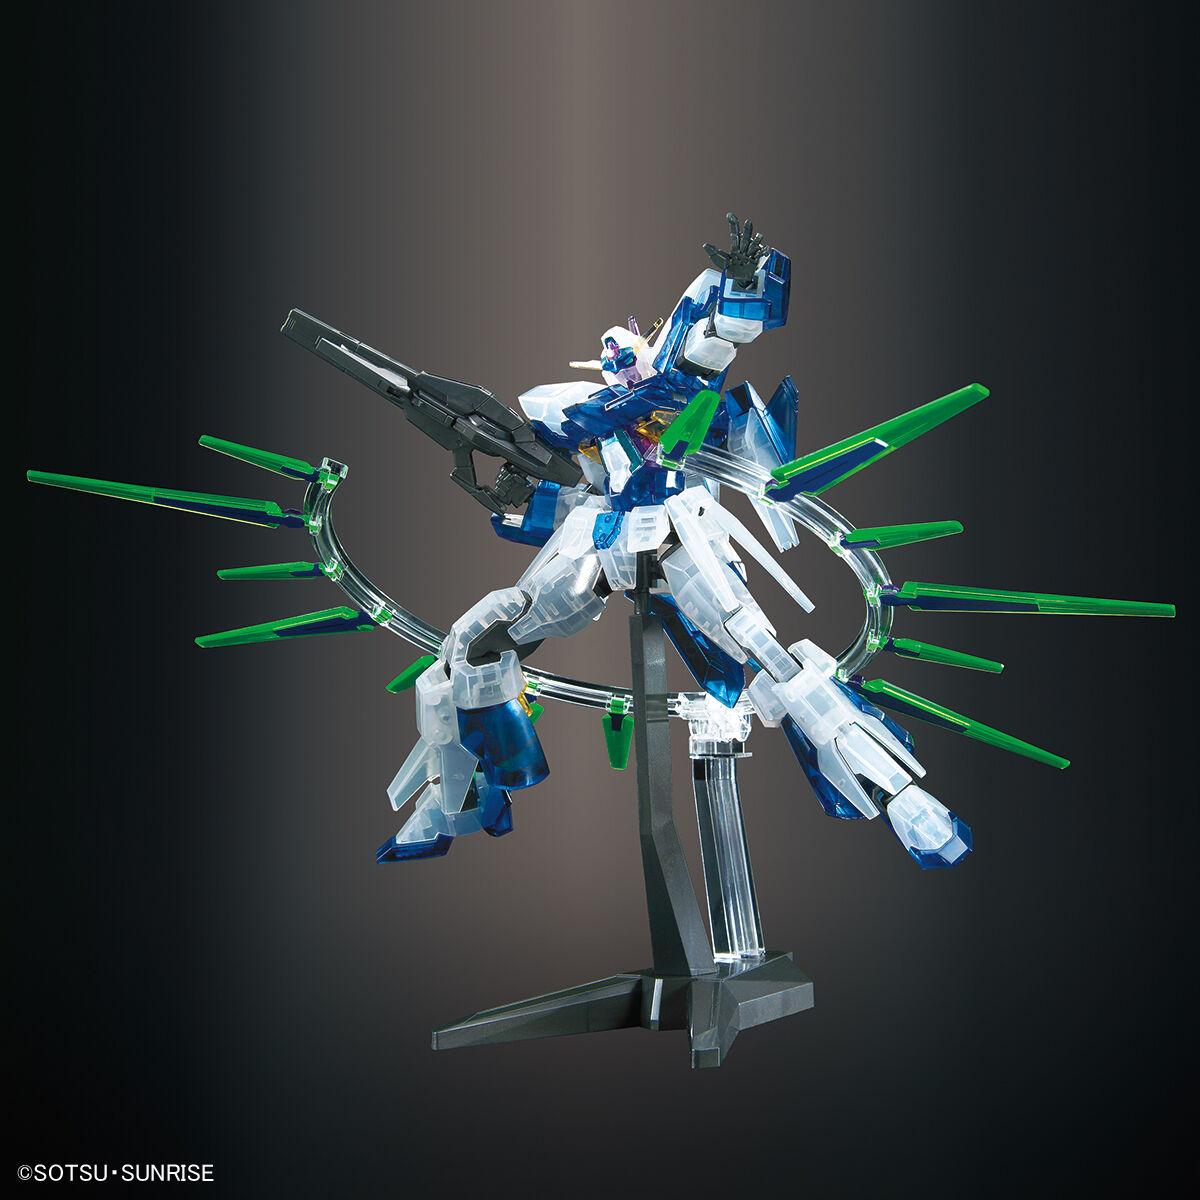 HG 1/144 「機動戦士ガンダムAGE」 MSセット[クリアカラー] 商品画像